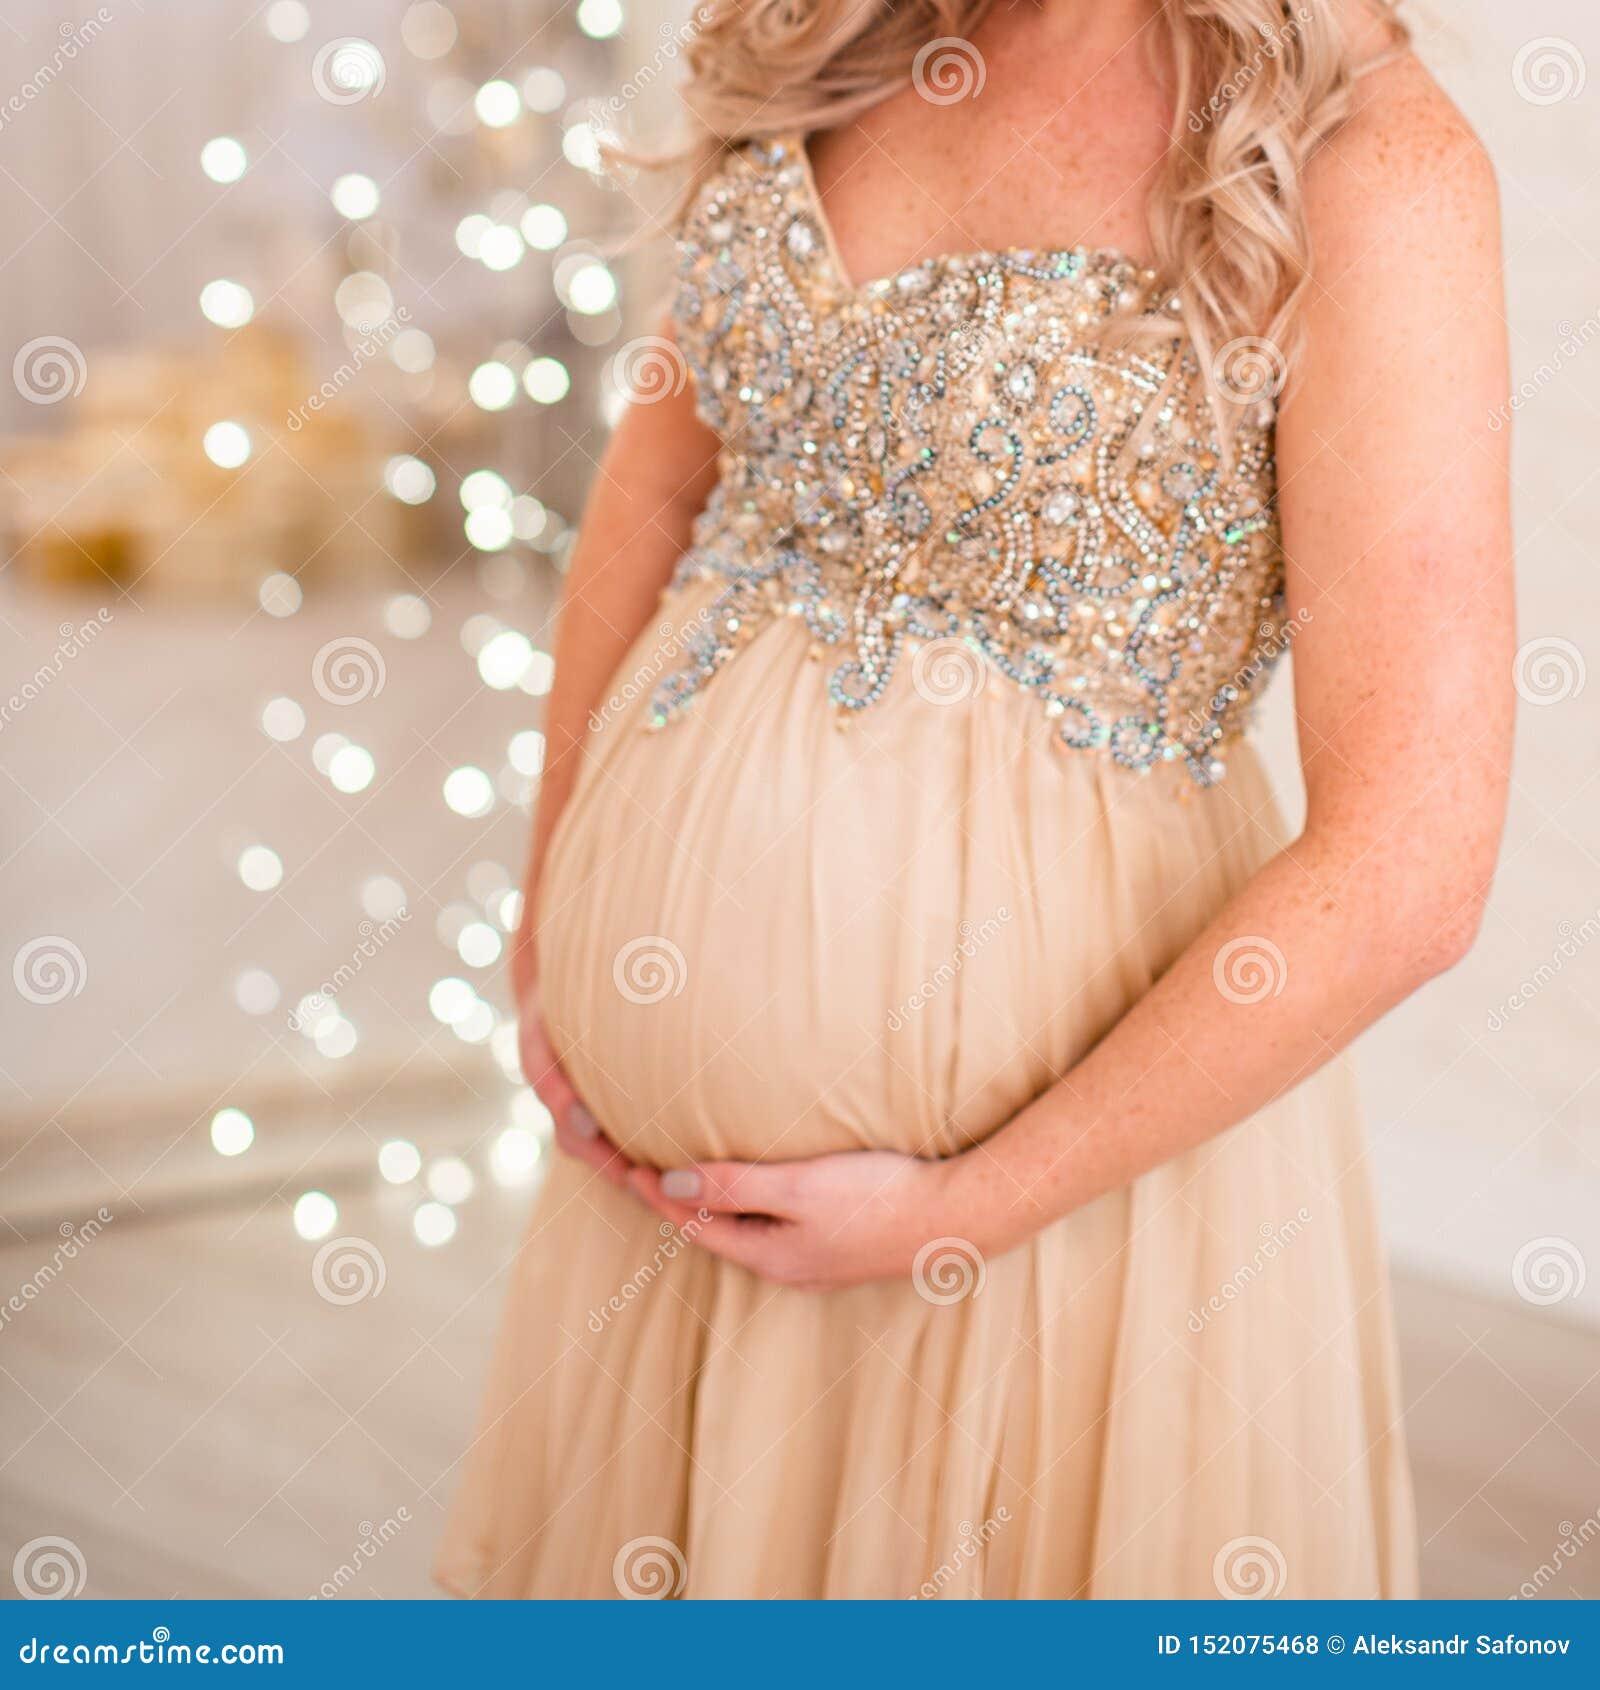 Беременная женщина поддерживает большой живот с руками на дне